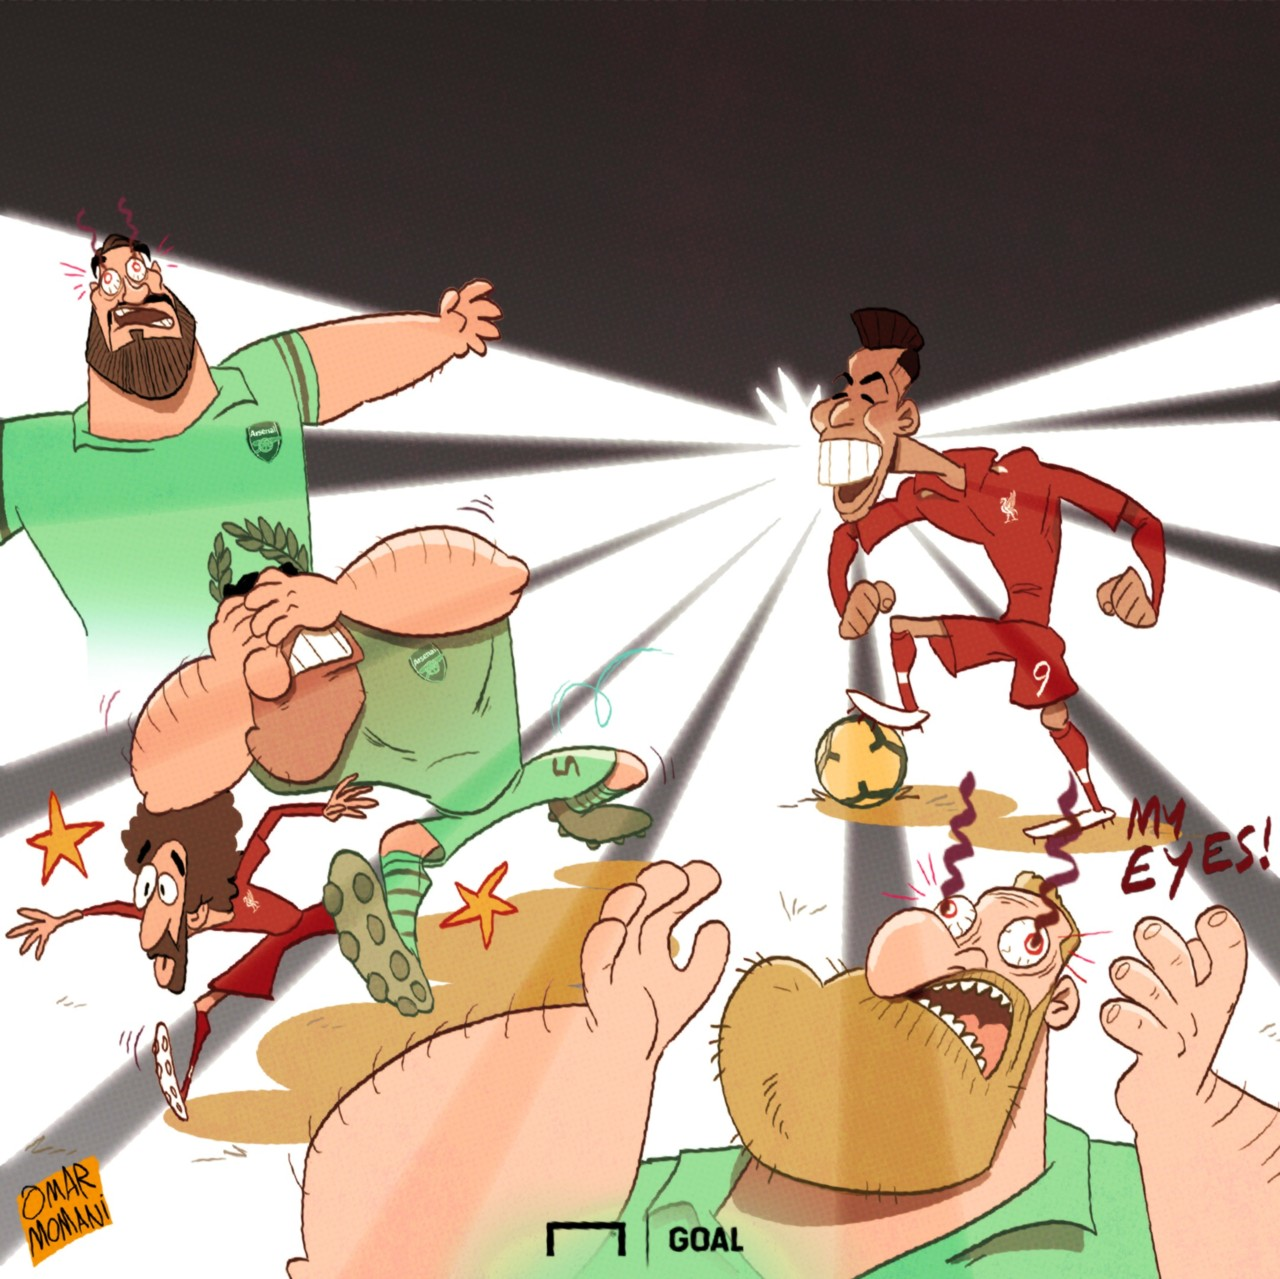 Cartoon Firmino's rays vs Arsenal